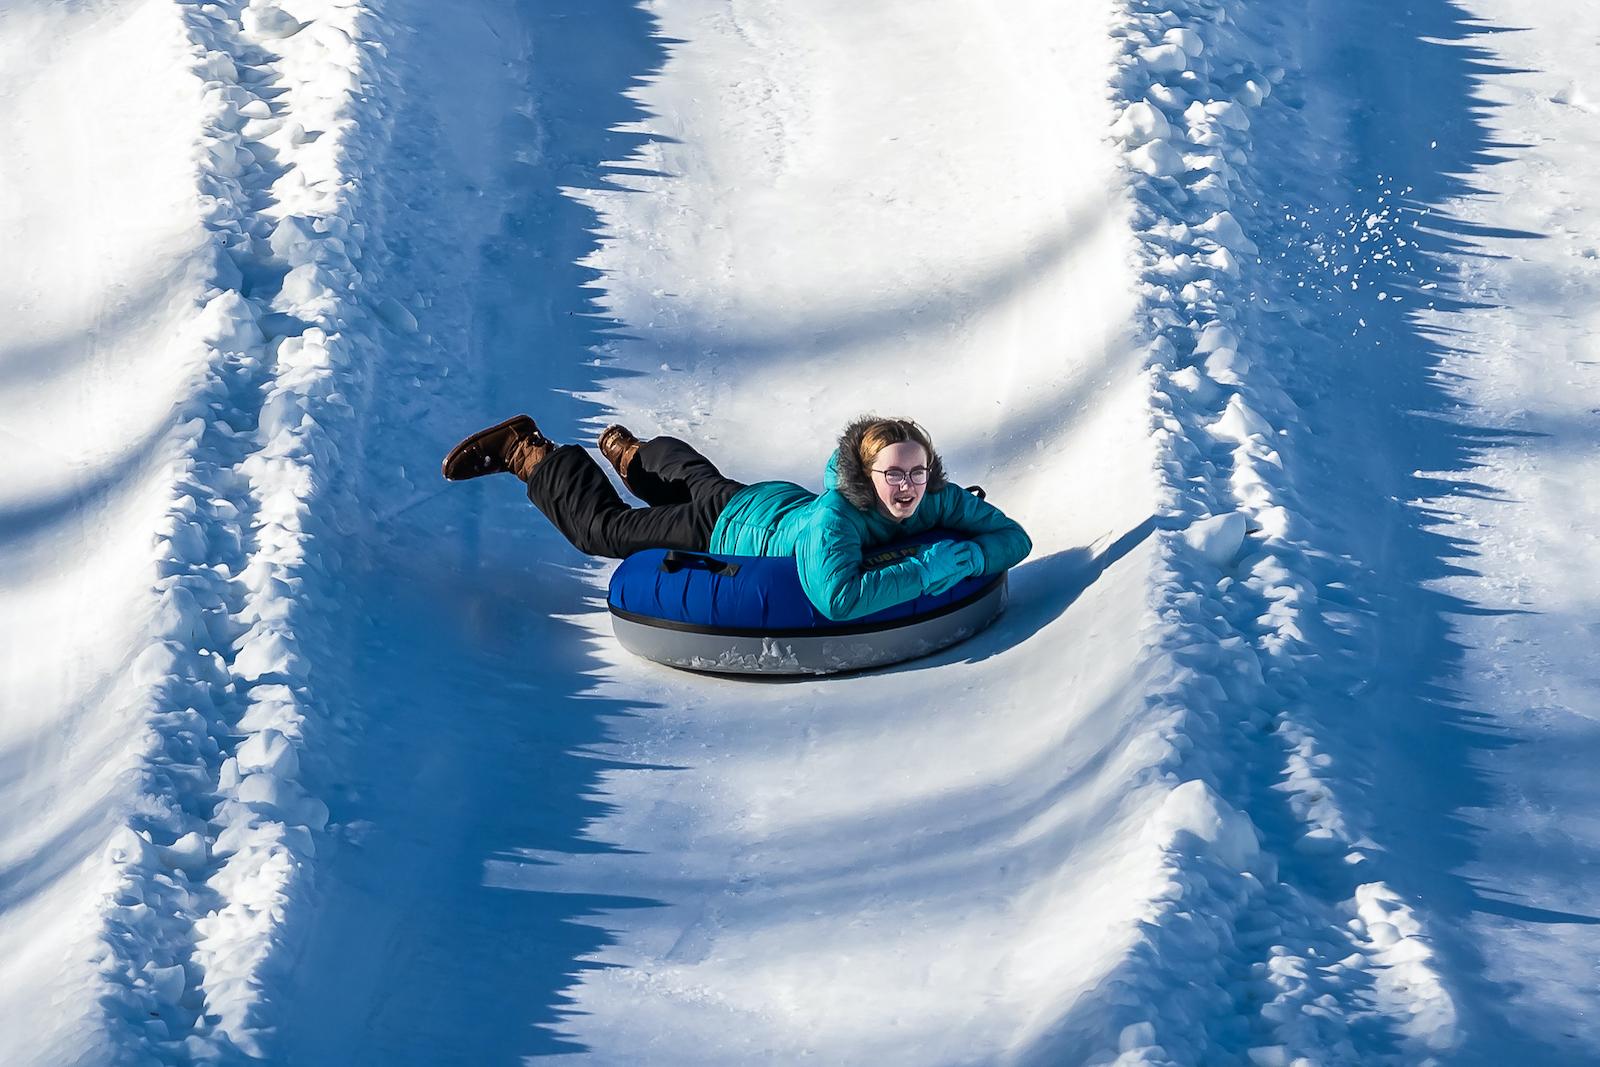 snow tubing family fun in western pa